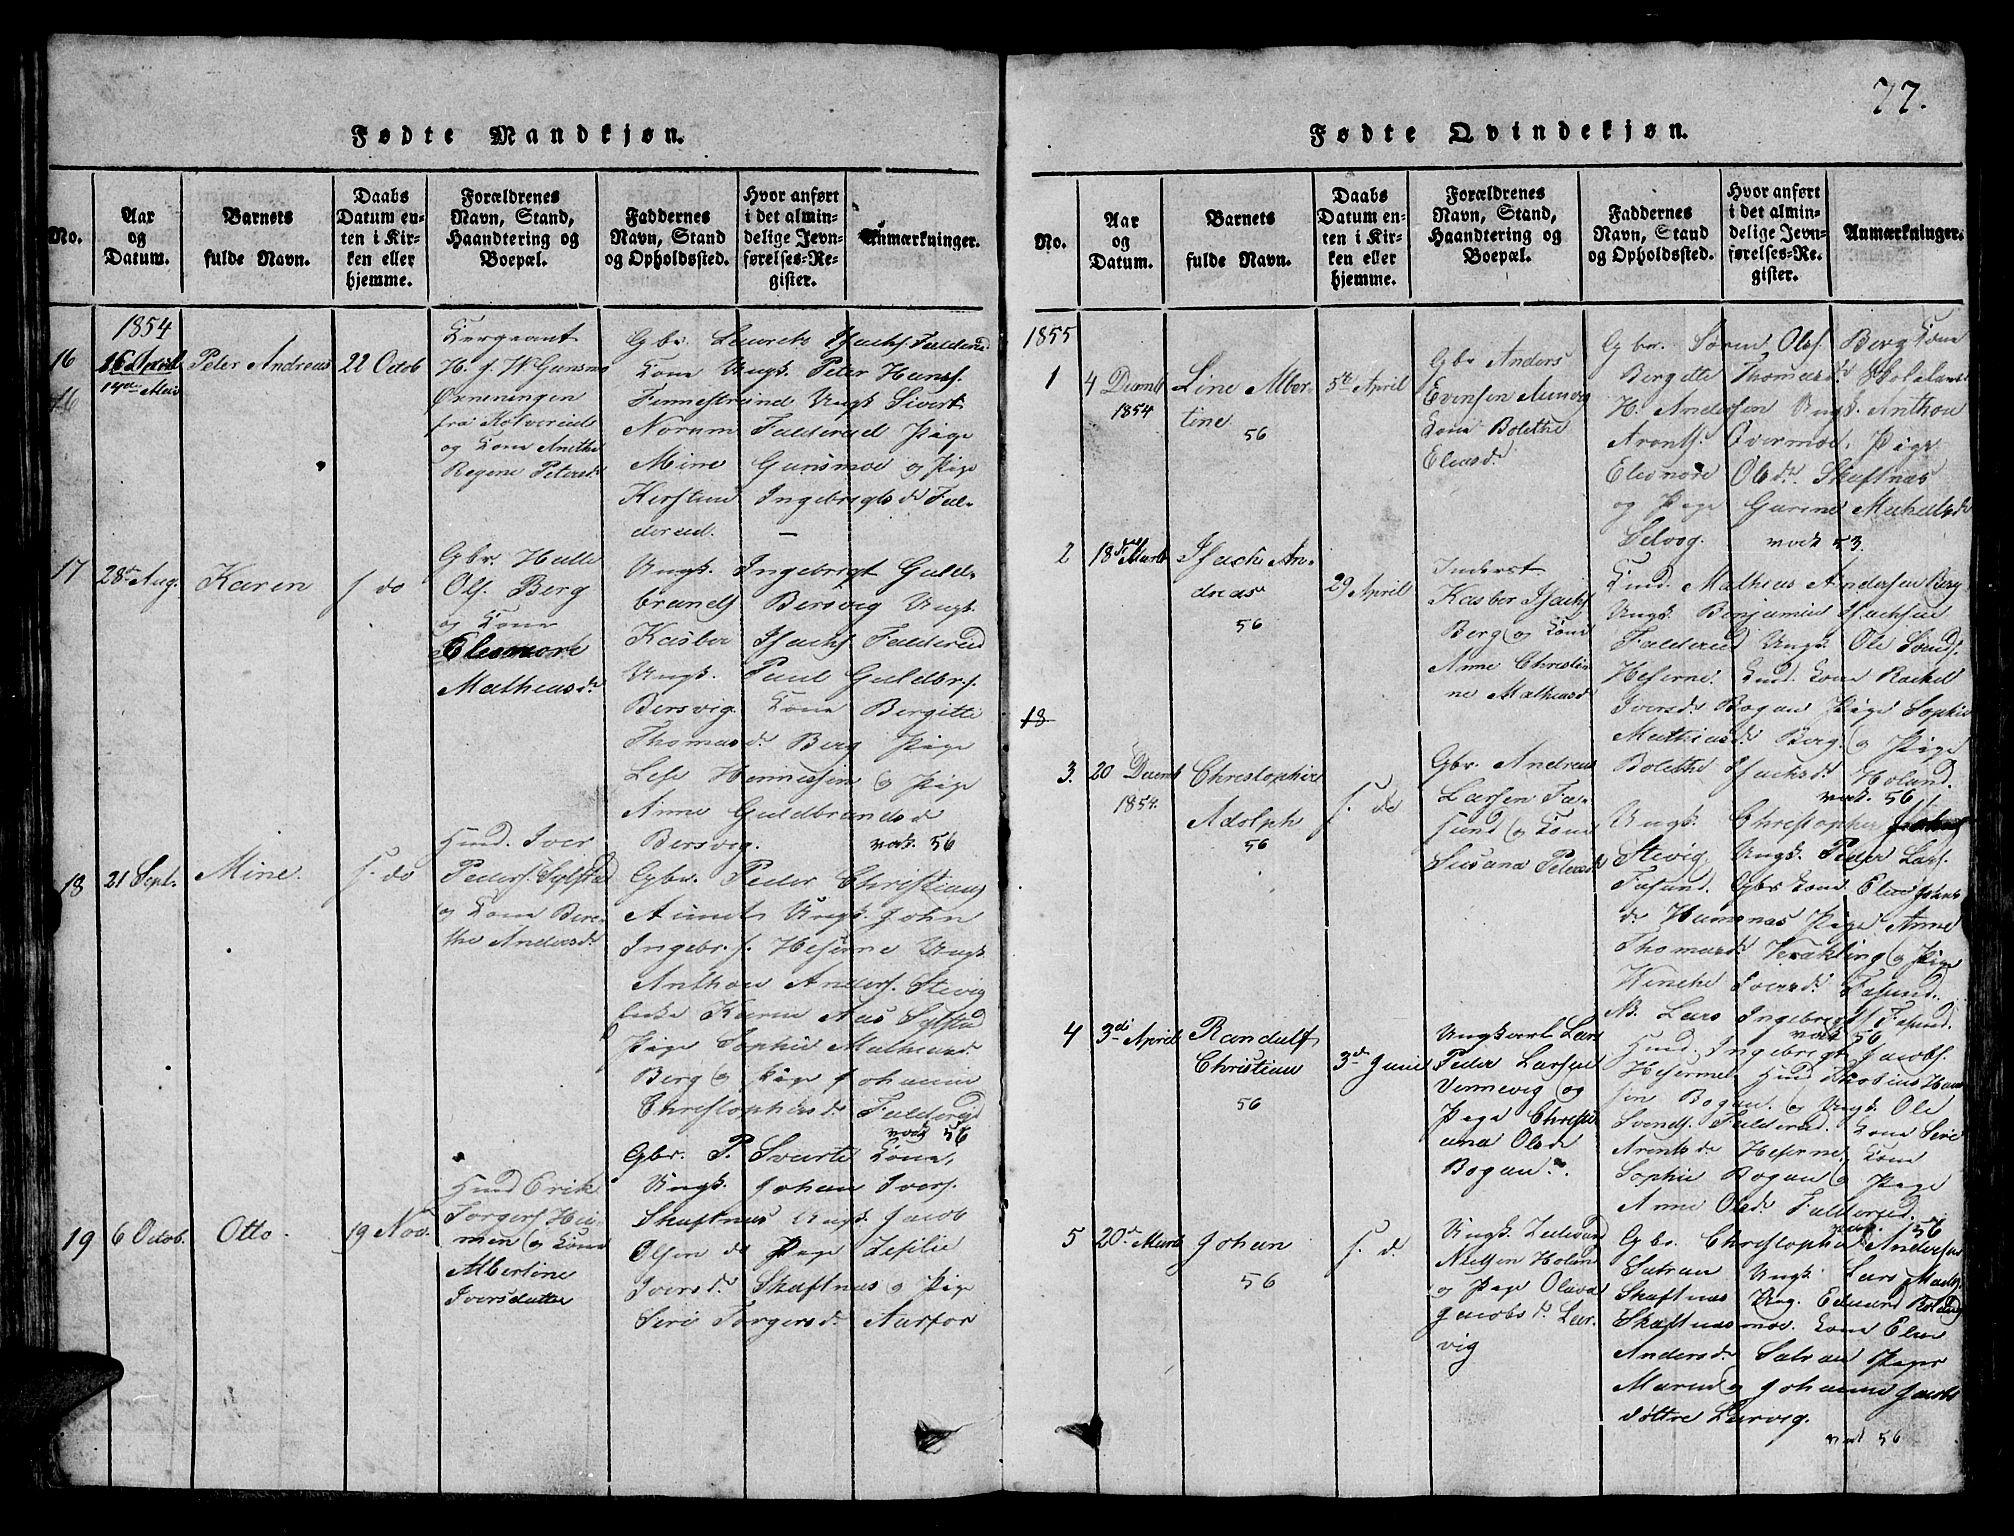 SAT, Ministerialprotokoller, klokkerbøker og fødselsregistre - Nord-Trøndelag, 780/L0648: Klokkerbok nr. 780C01 /3, 1815-1877, s. 77